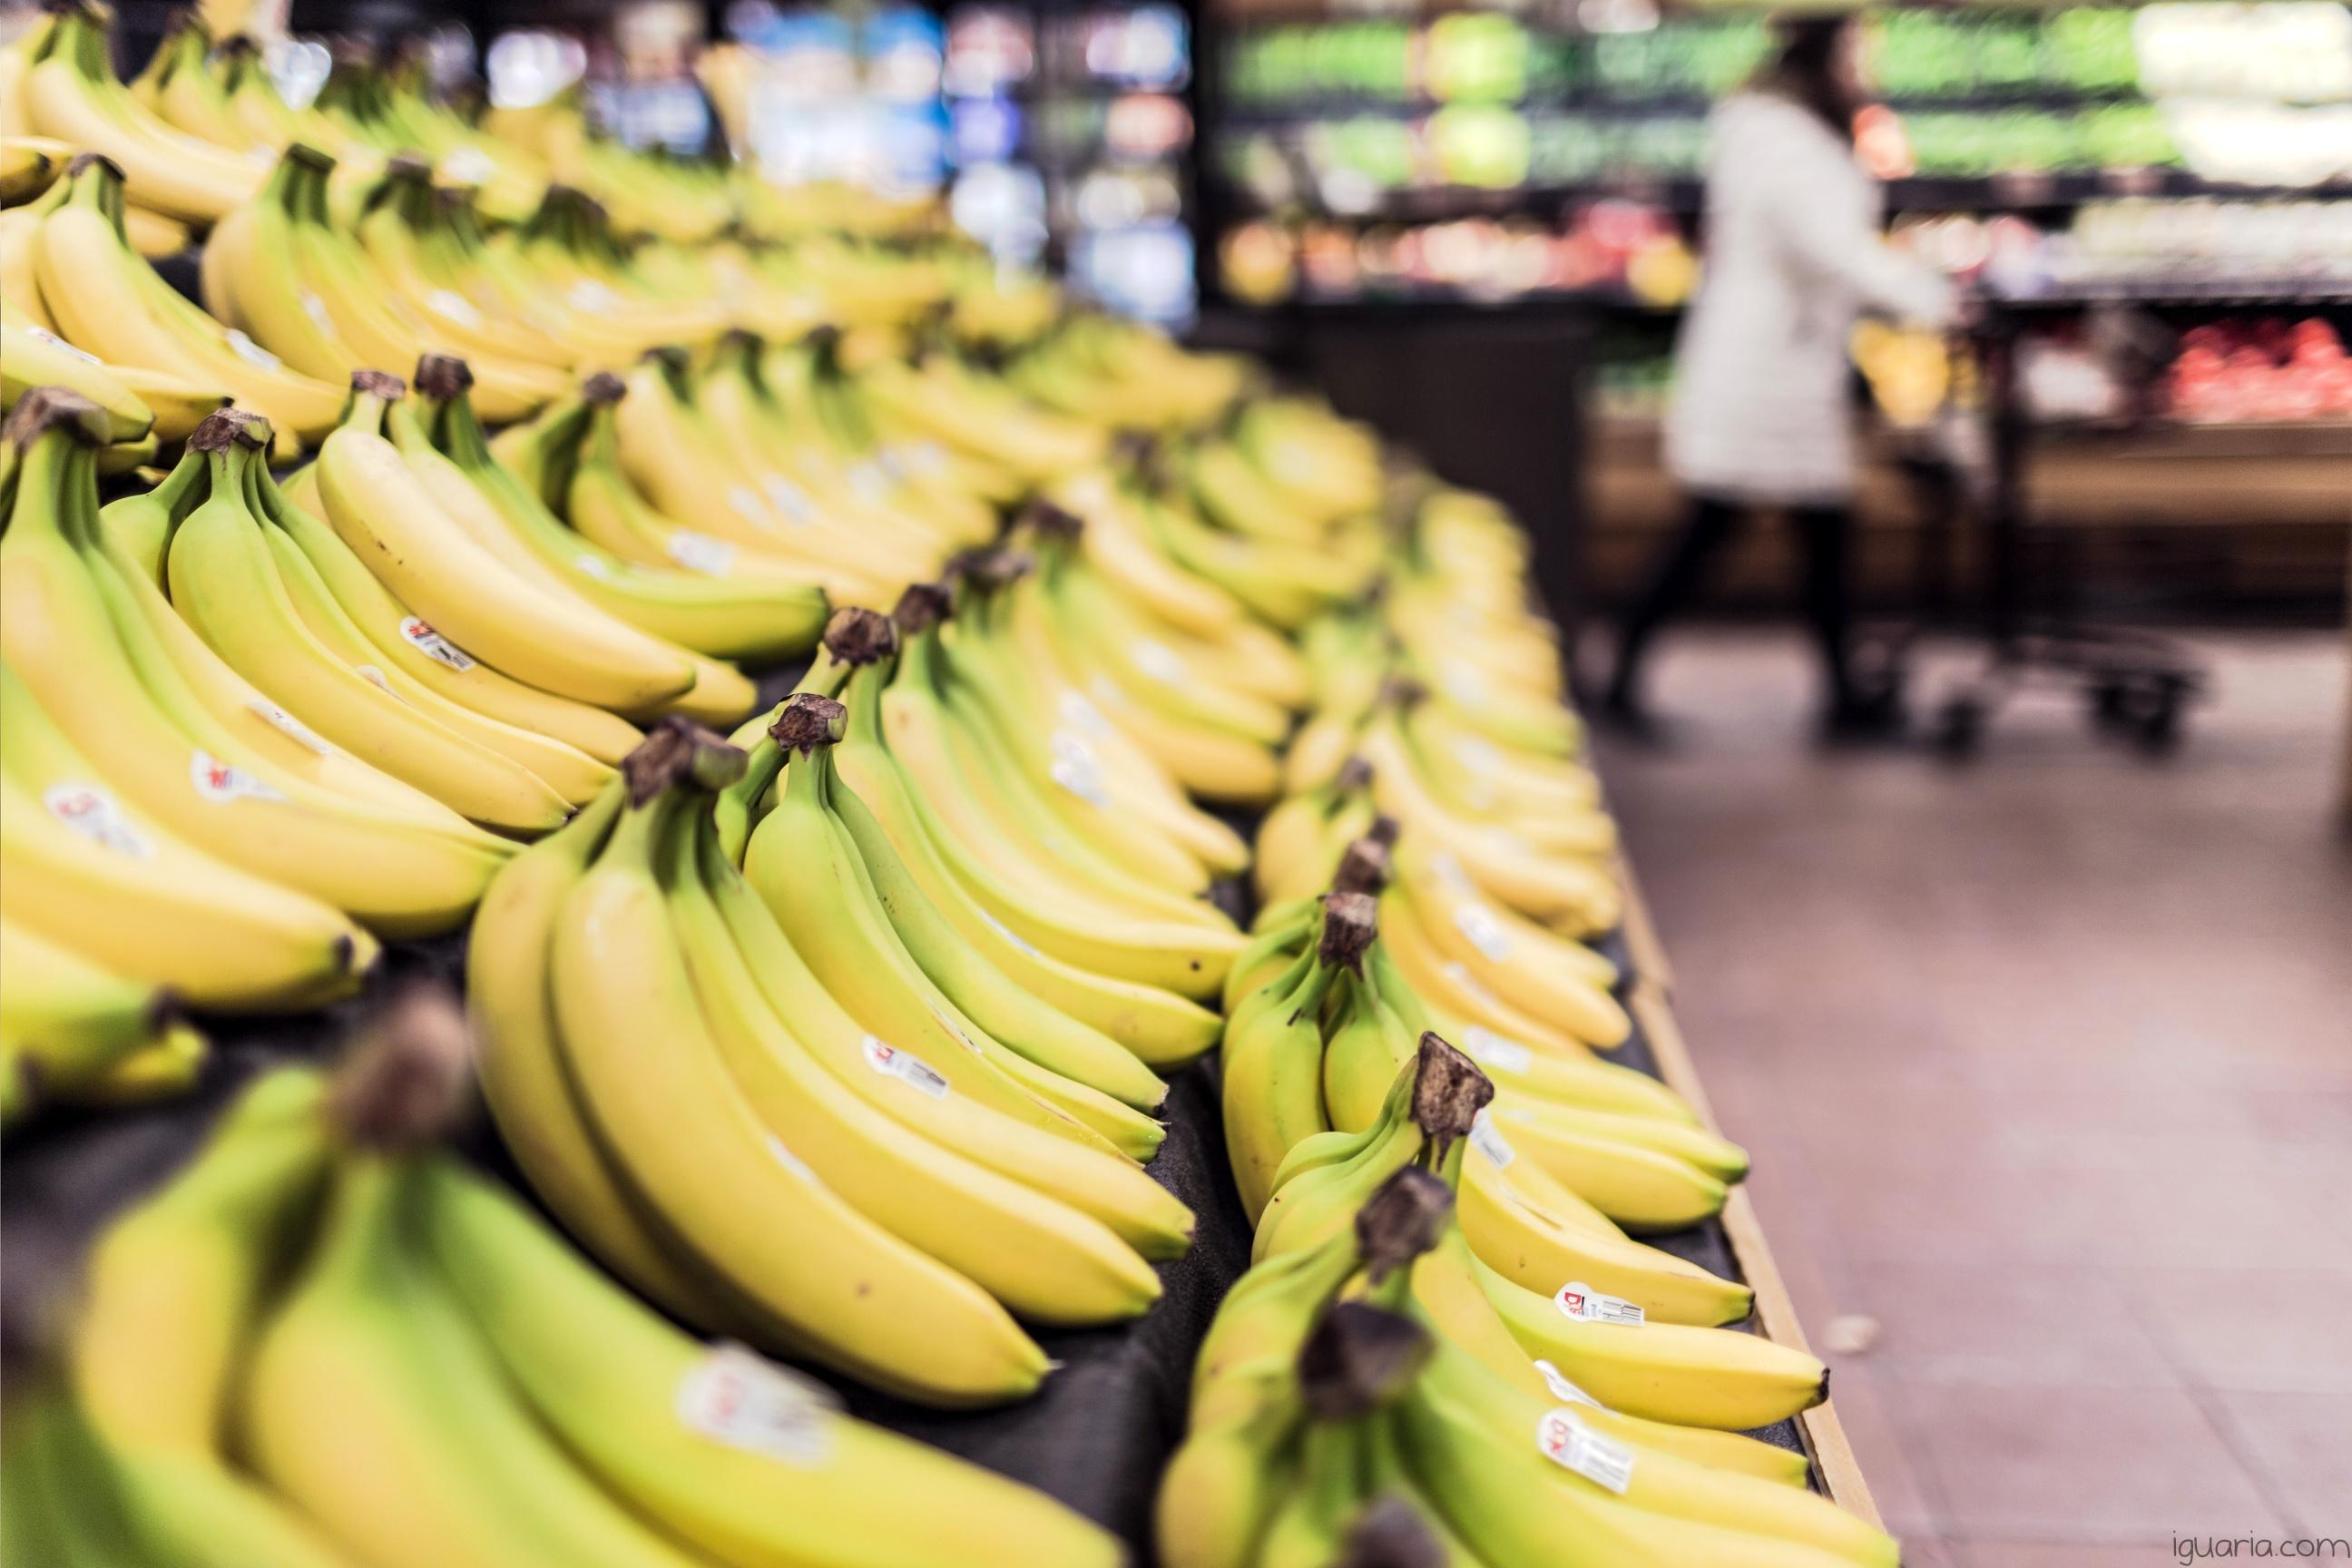 Iguaria_Bananas-no-Supermercado